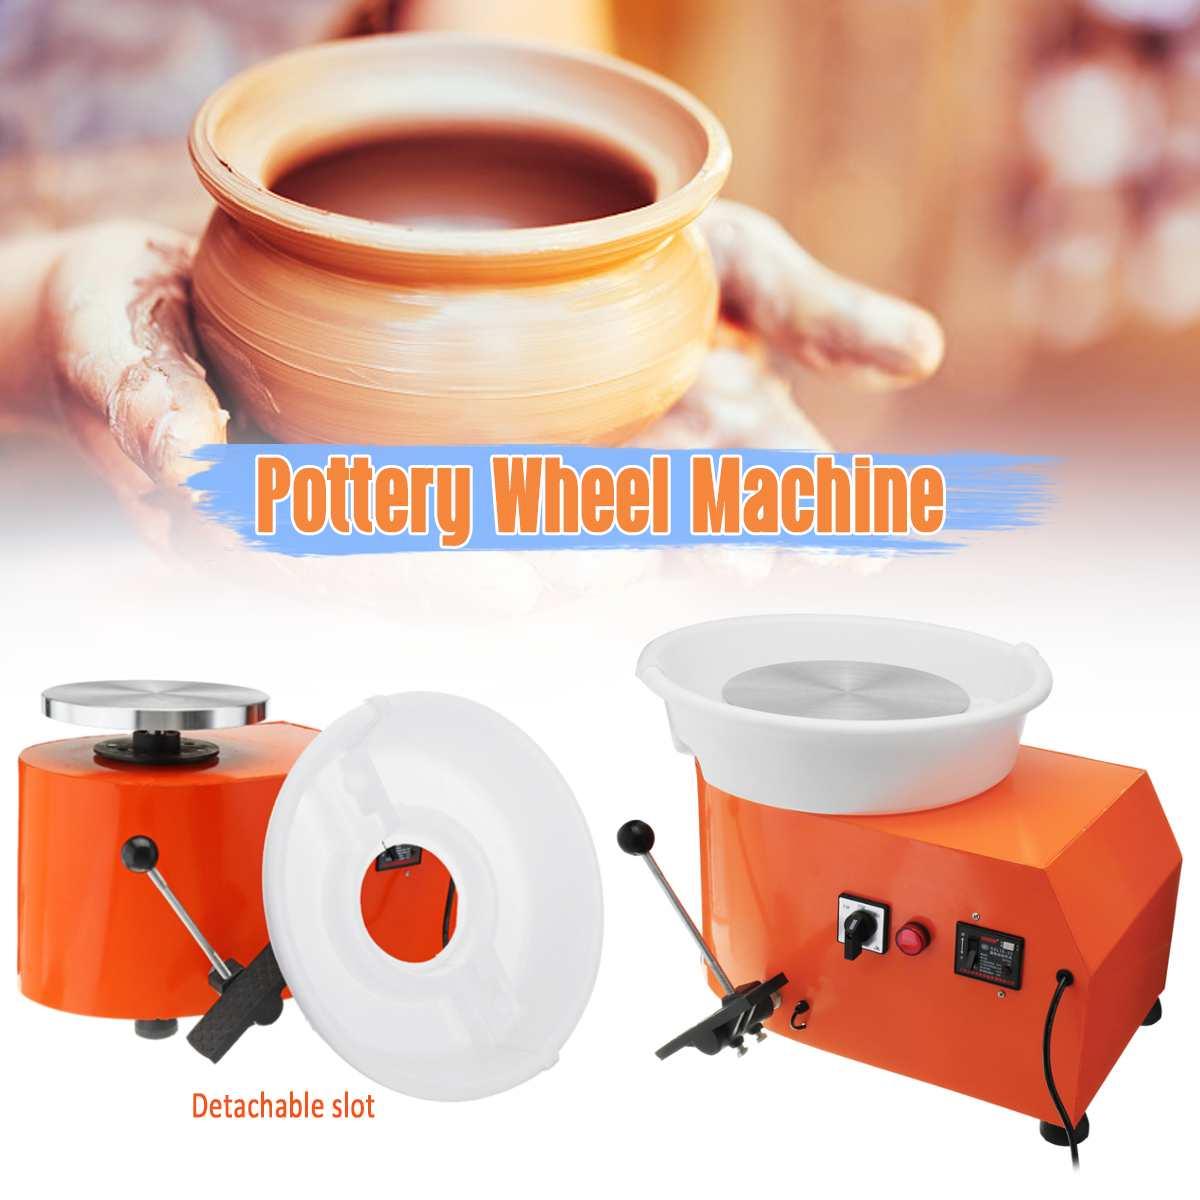 Poterie Roue Amovible Machine 350 W Travail En Céramique Clay Craft Art Pied Pédale 110/220 V US/AU /UE Plug Flexible Détachable Lisse